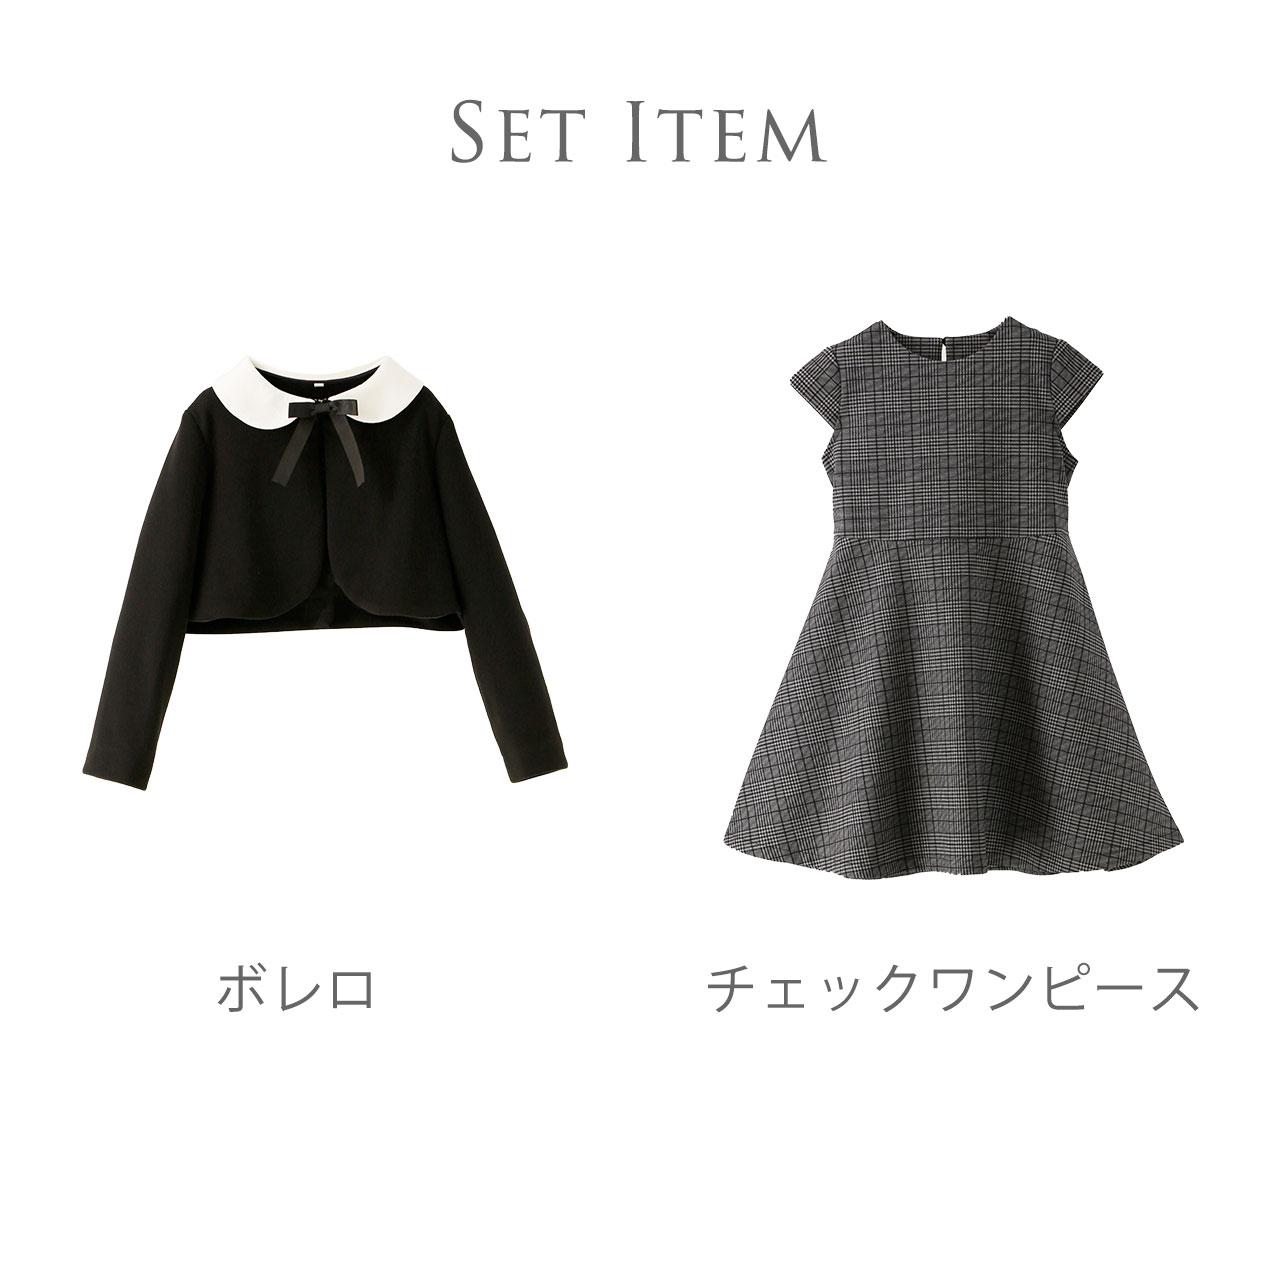 女の子入学式スーツセットアイテム